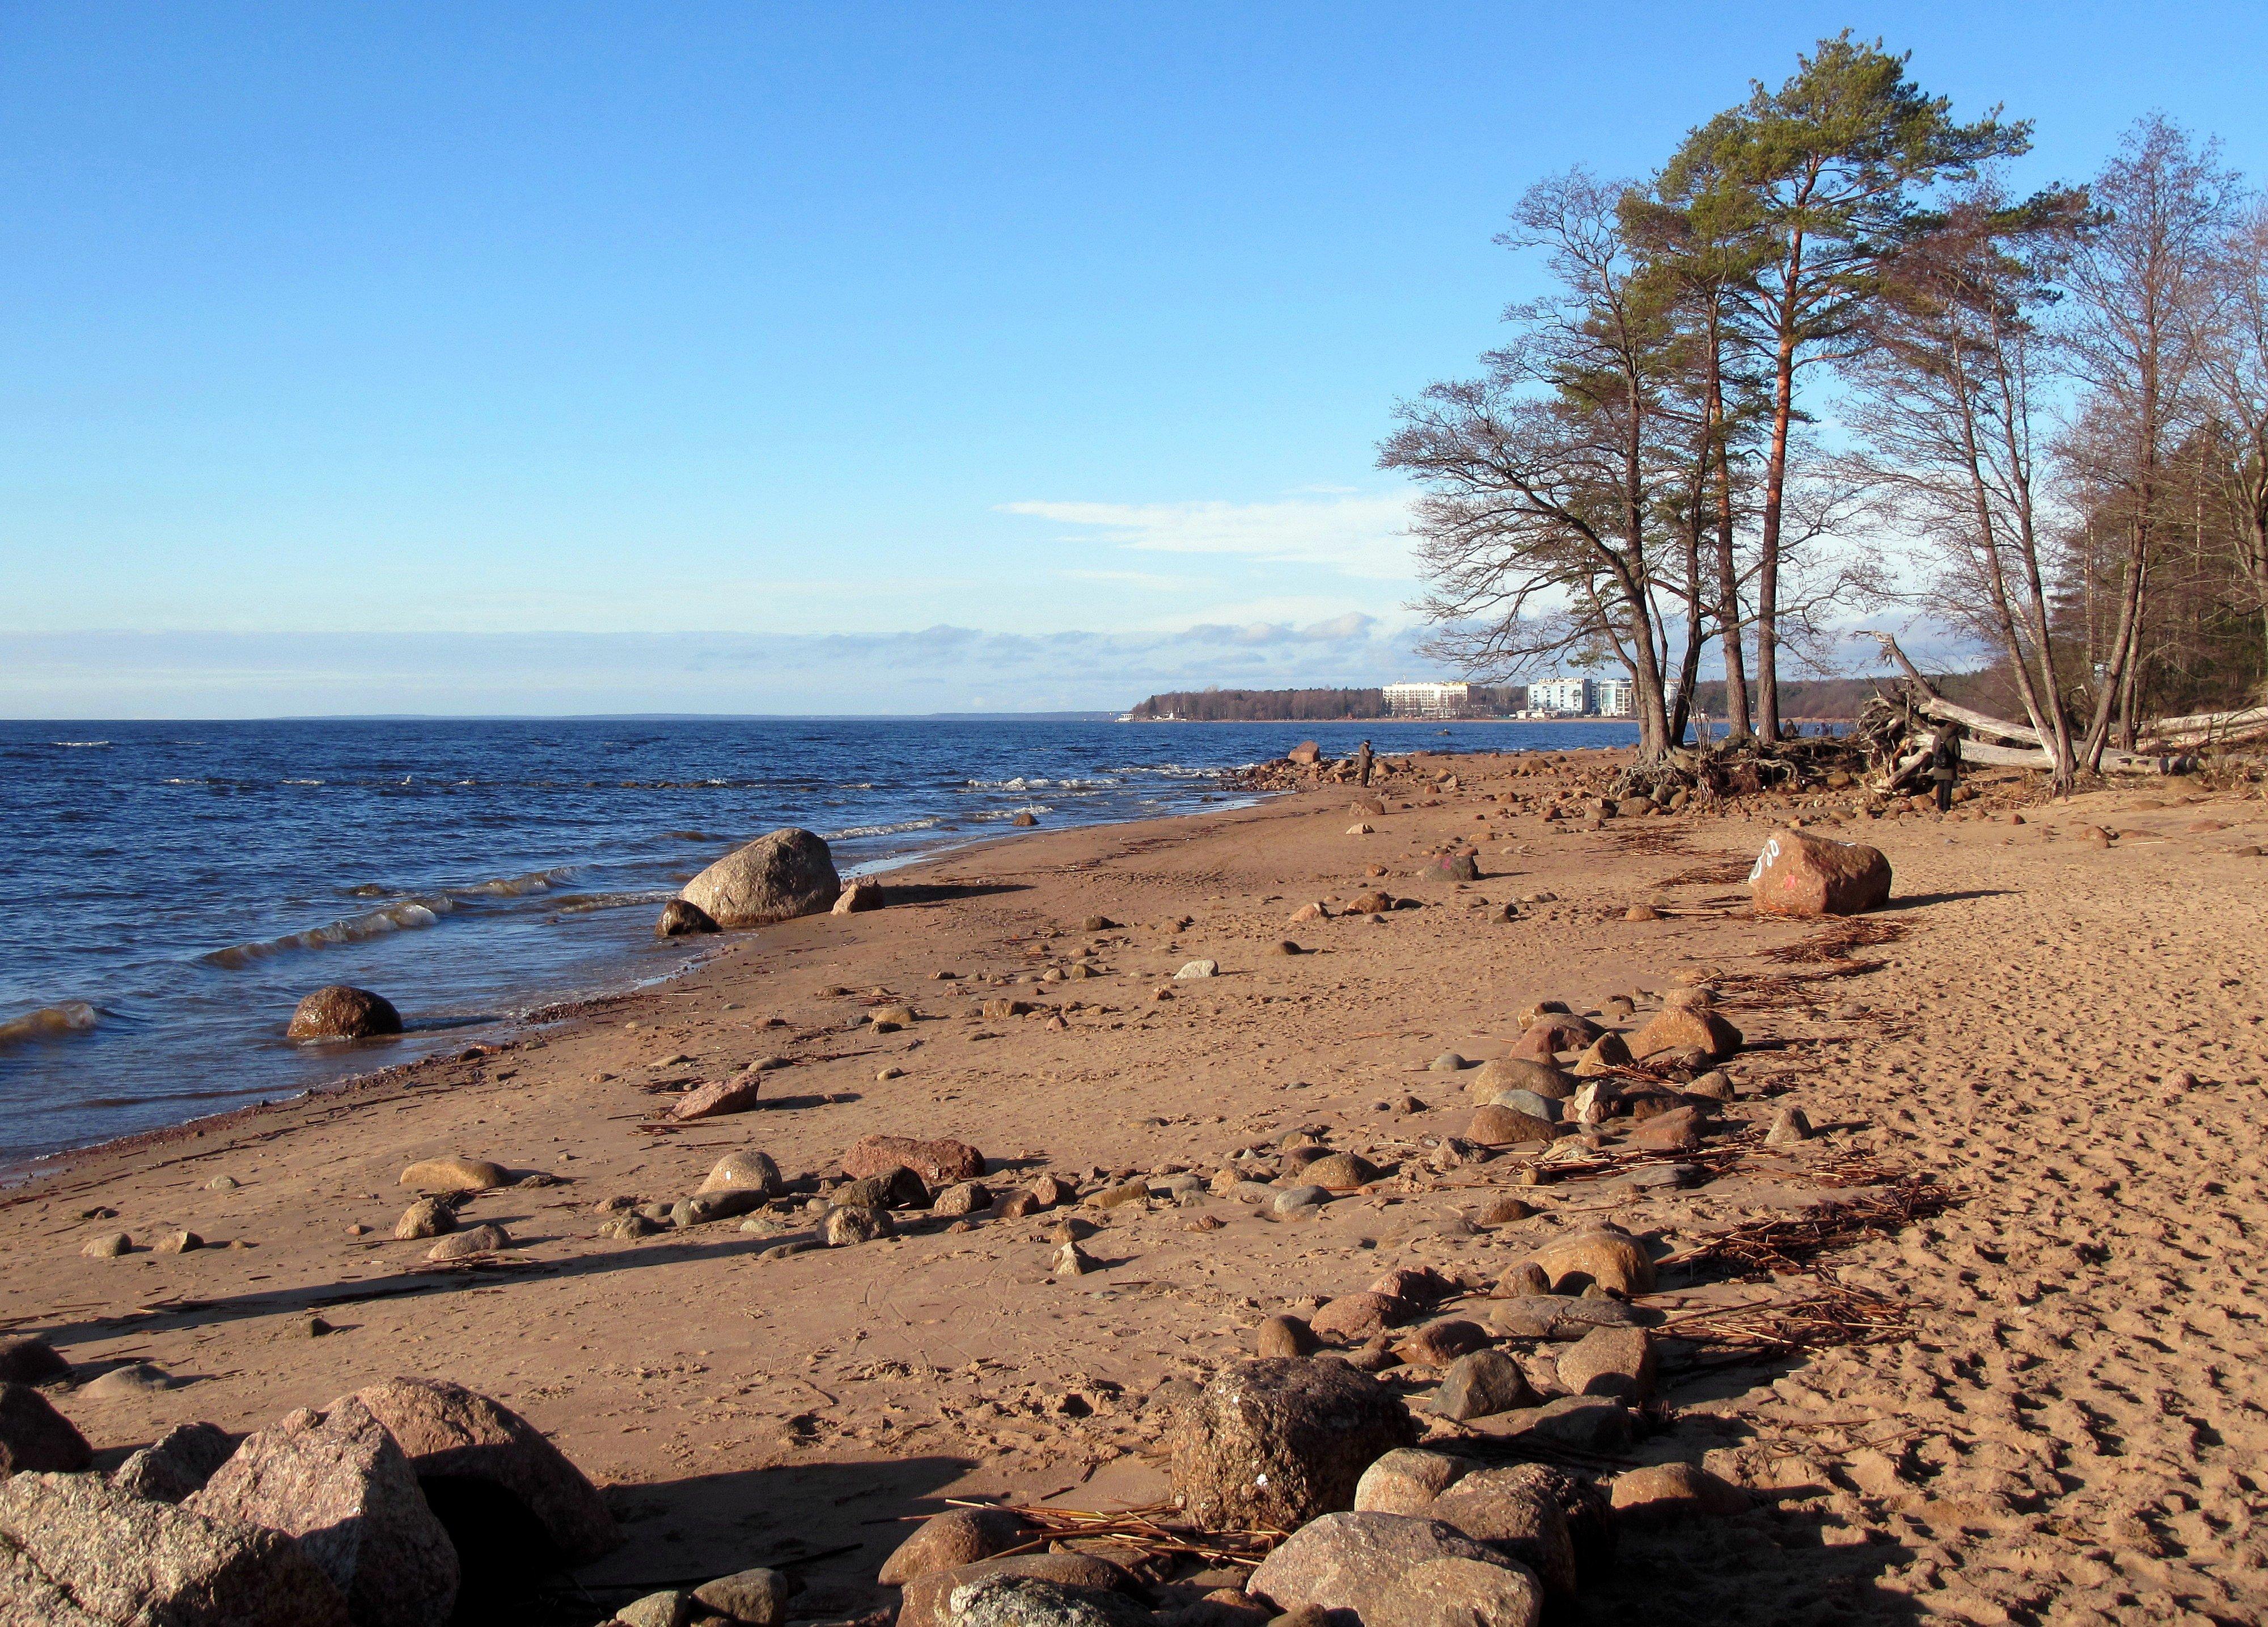 говорить спасибо фото пляжей финского залива касается самой рыбы